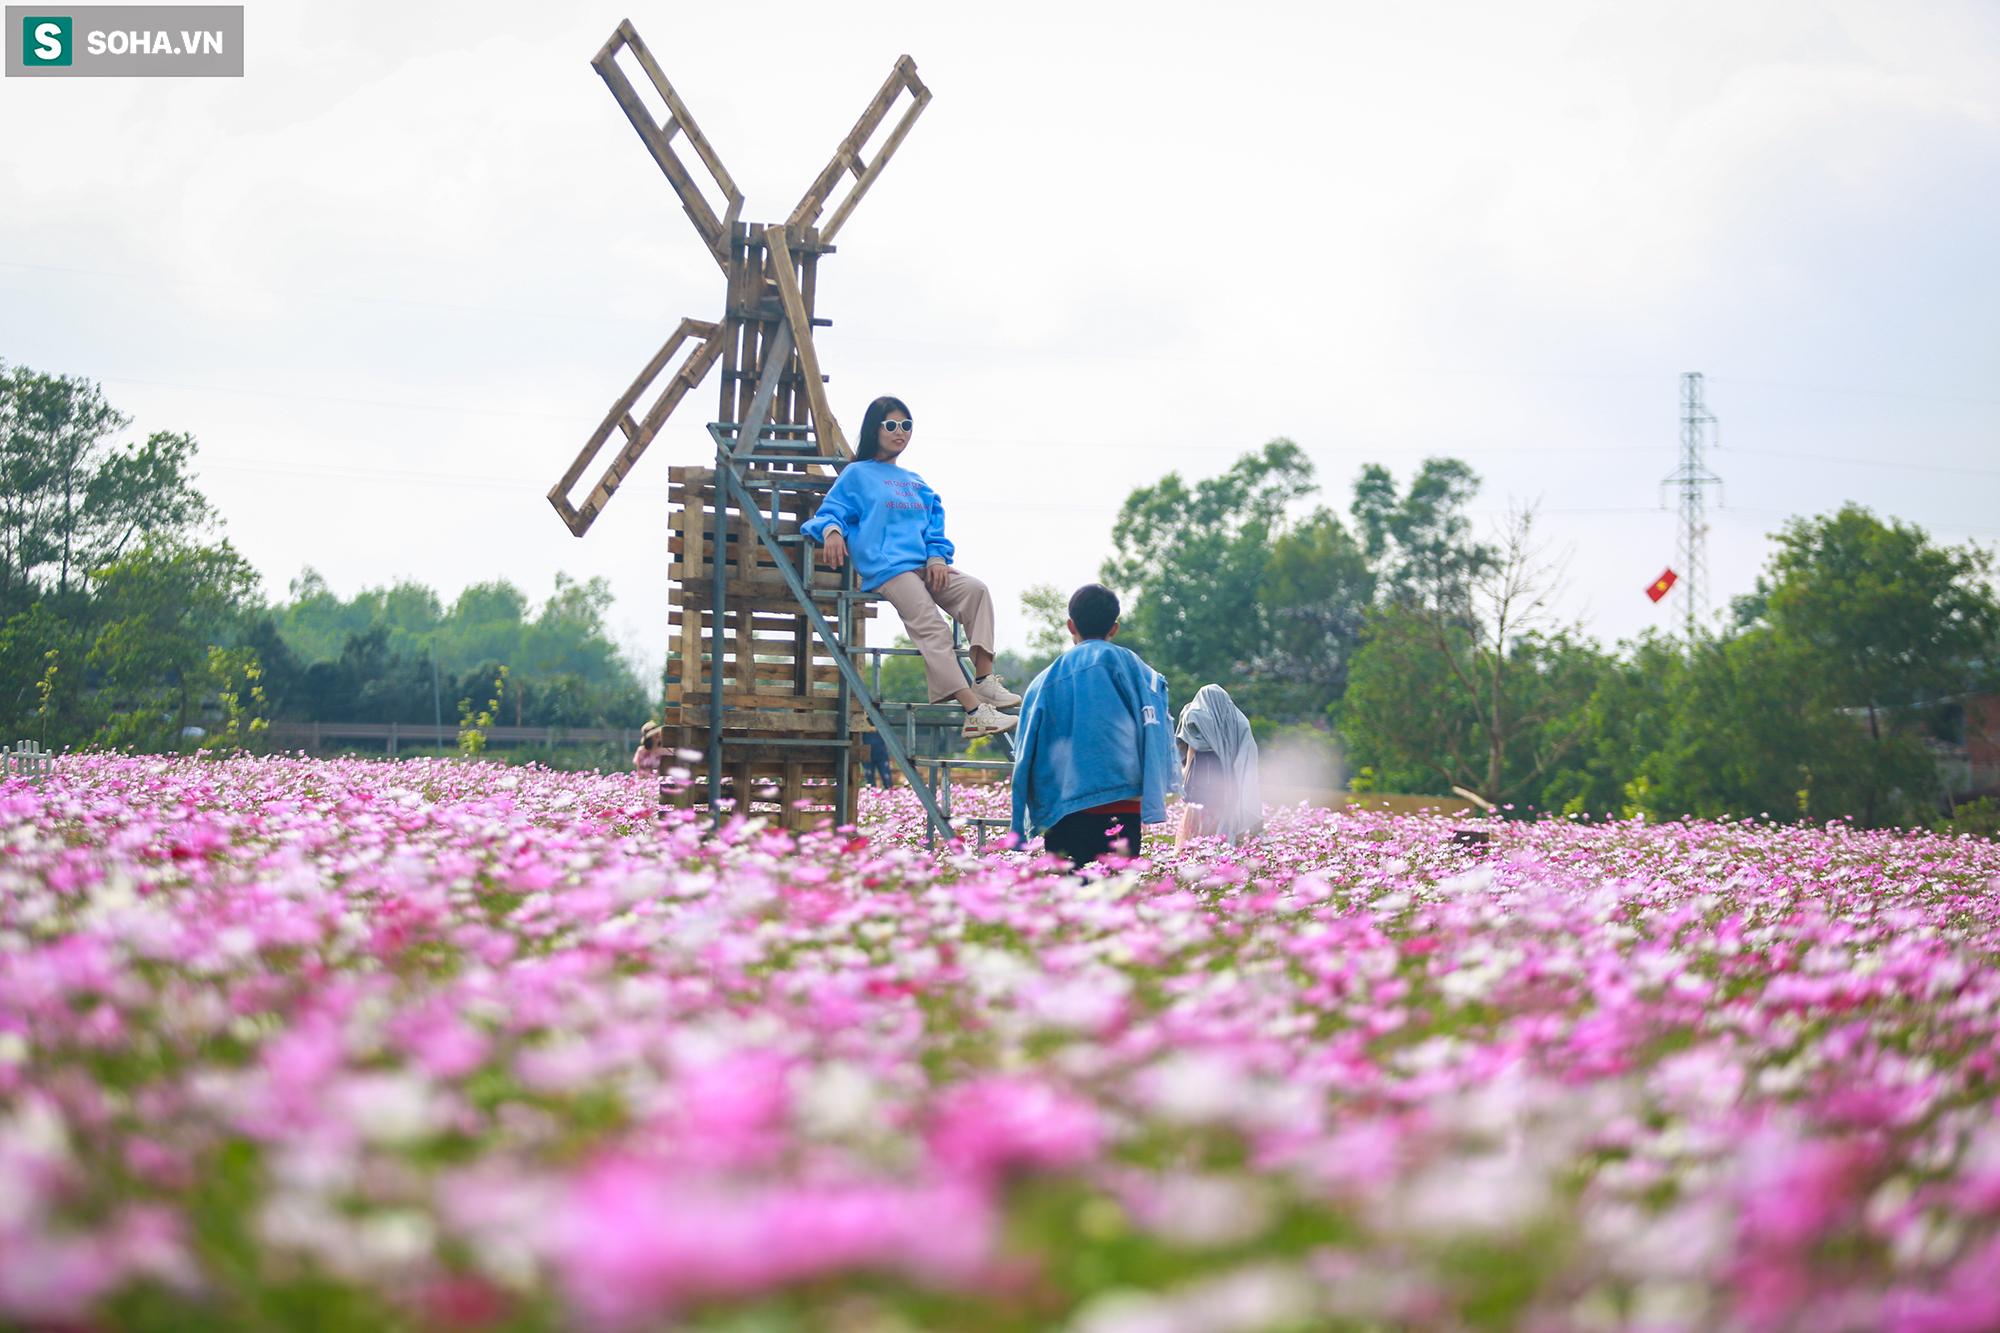 Mê mẩn cánh đồng hoa sao nhái đầy màu sắc được giới trẻ săn tìm để check-in ở Quảng Bình - Ảnh 8.